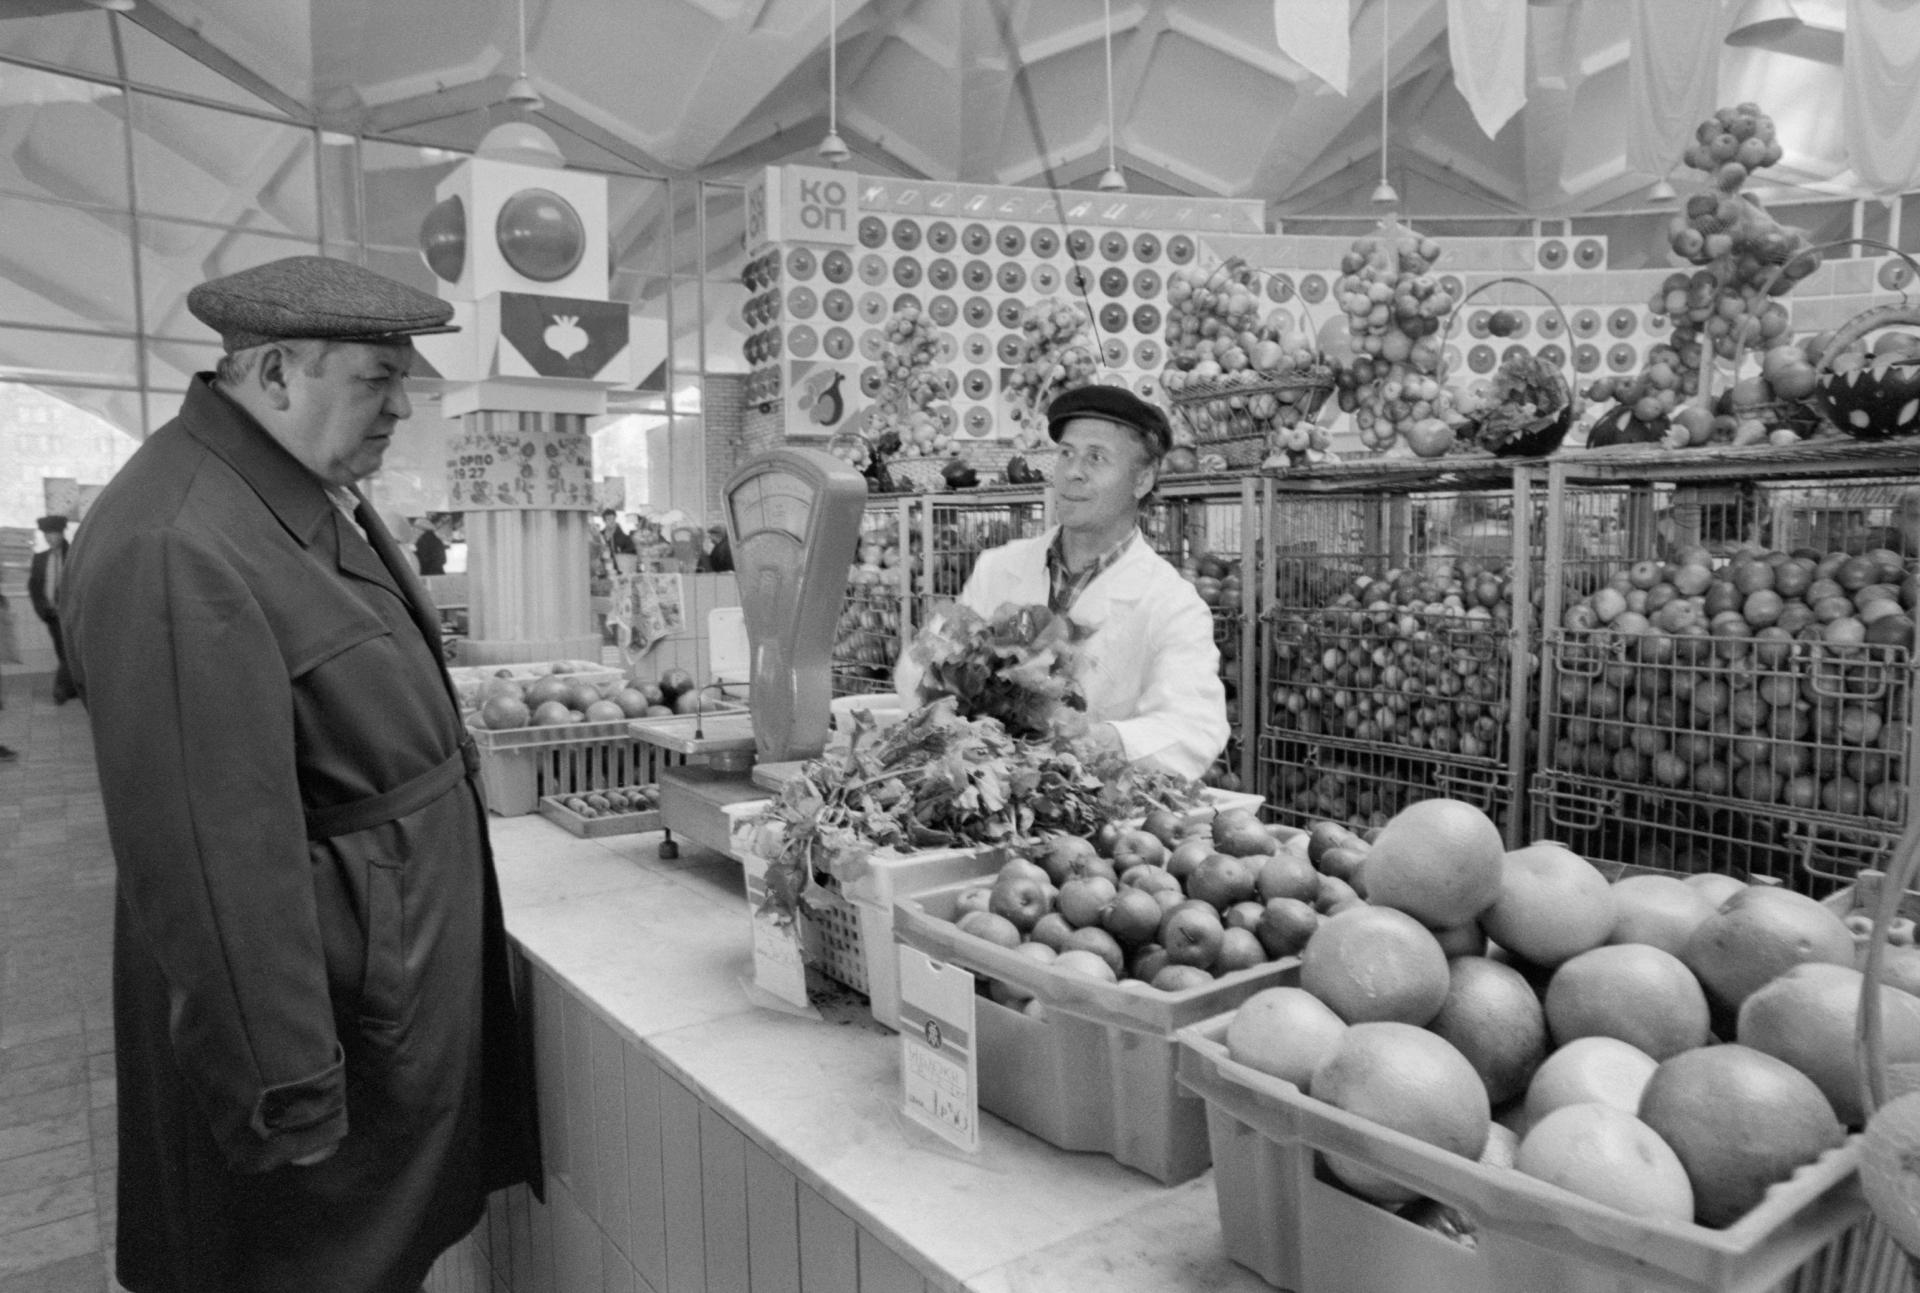 1 ноября 1987 года. Старший продавец магазина № 19 Москворецкого плодоовощного оптово-розничного объединения В.С. Гребенников обслуживает покупателя